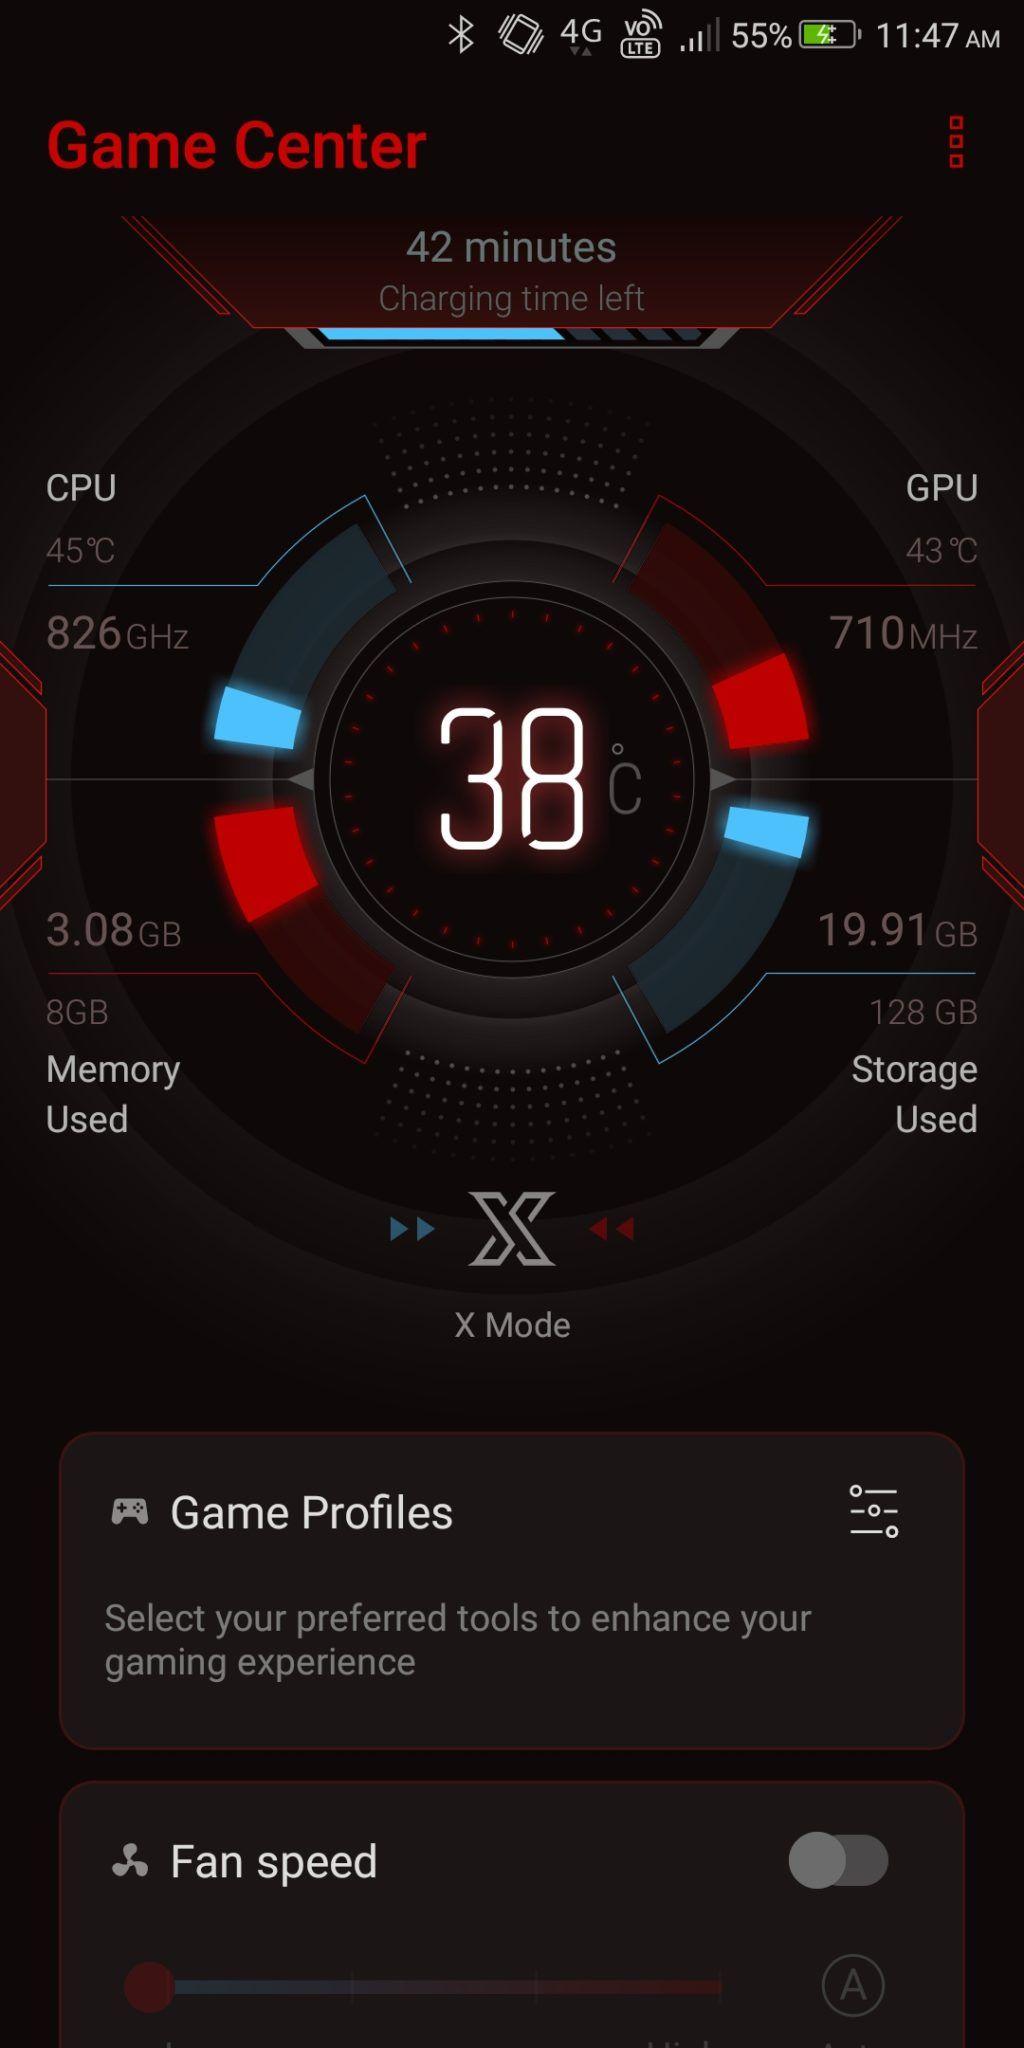 ASUS ROG Phone UI (4)